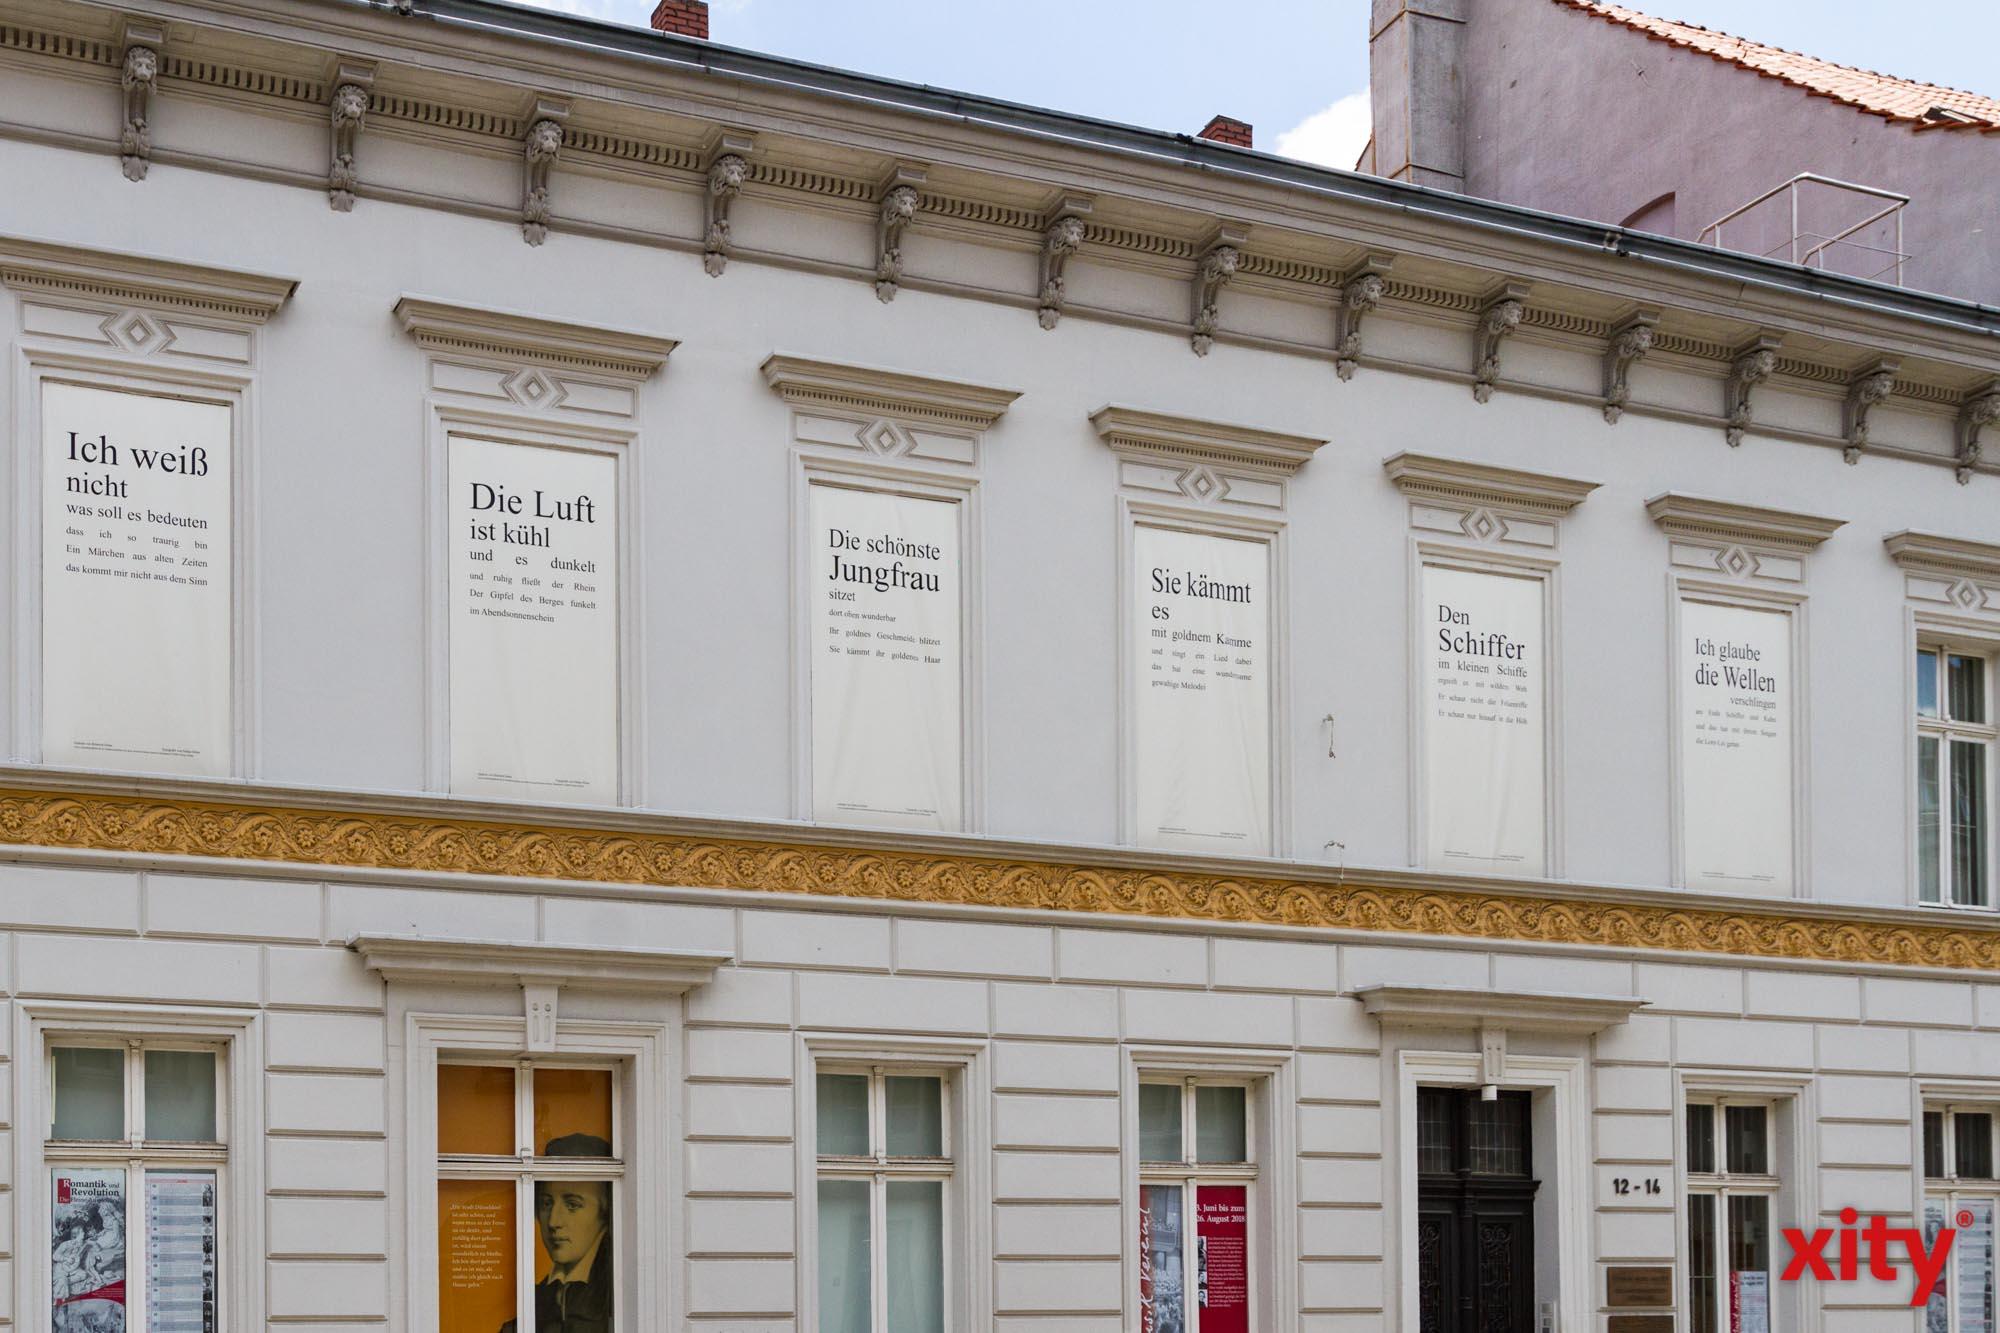 Heinrich-Heine-Institut gratuliert Jürgen Lodemann zum 85. Geburtstag (Foto: xity)